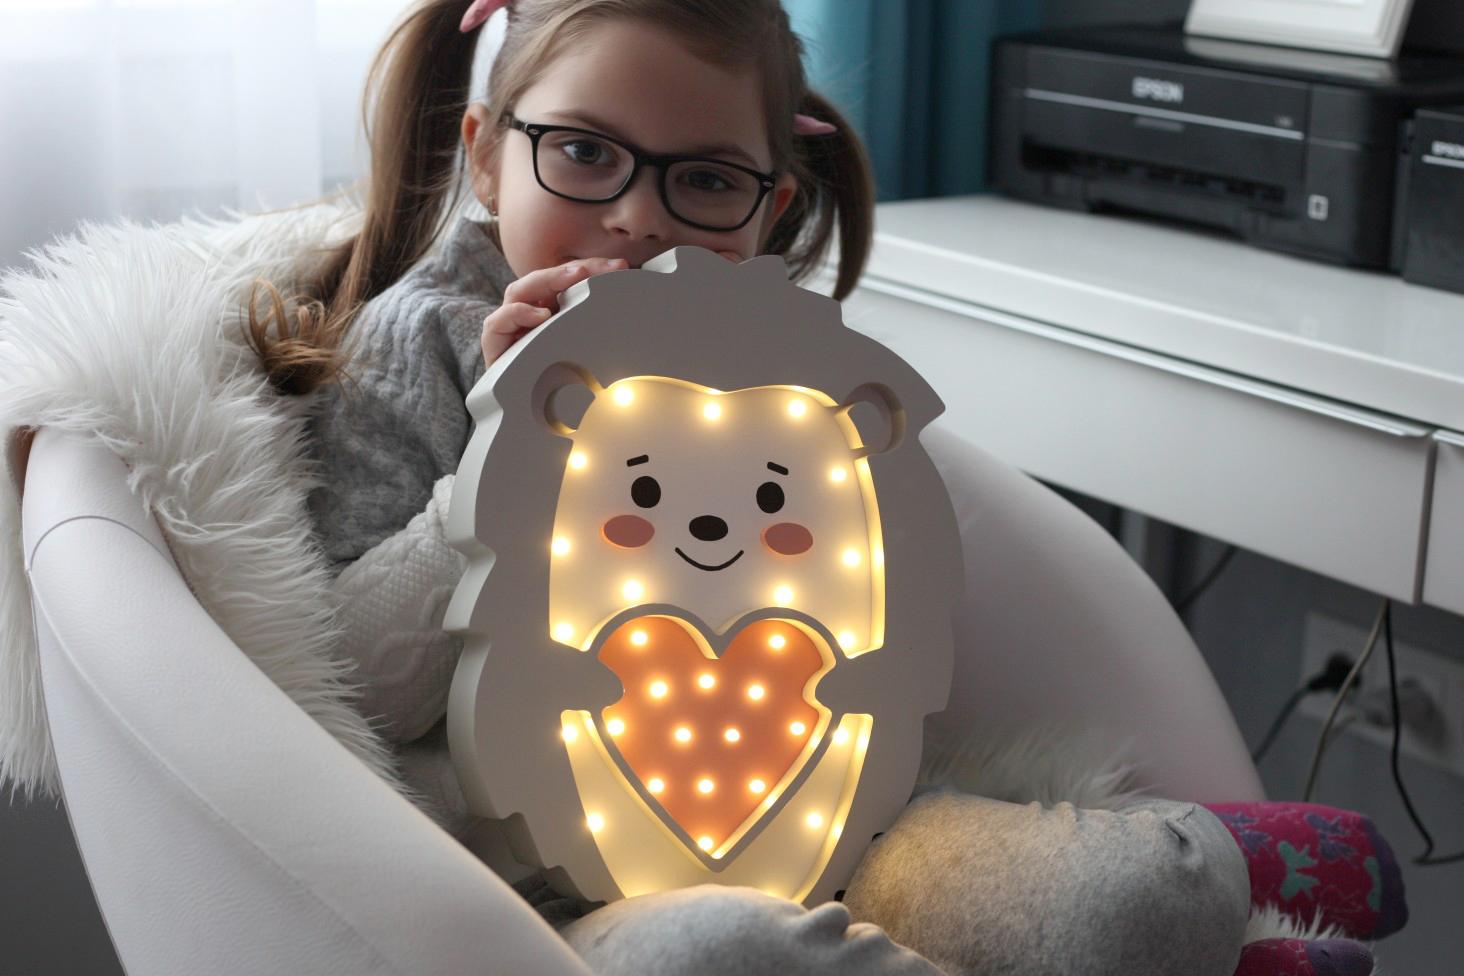 barnlampa eller nattlampa för barn utformad som en igelkott